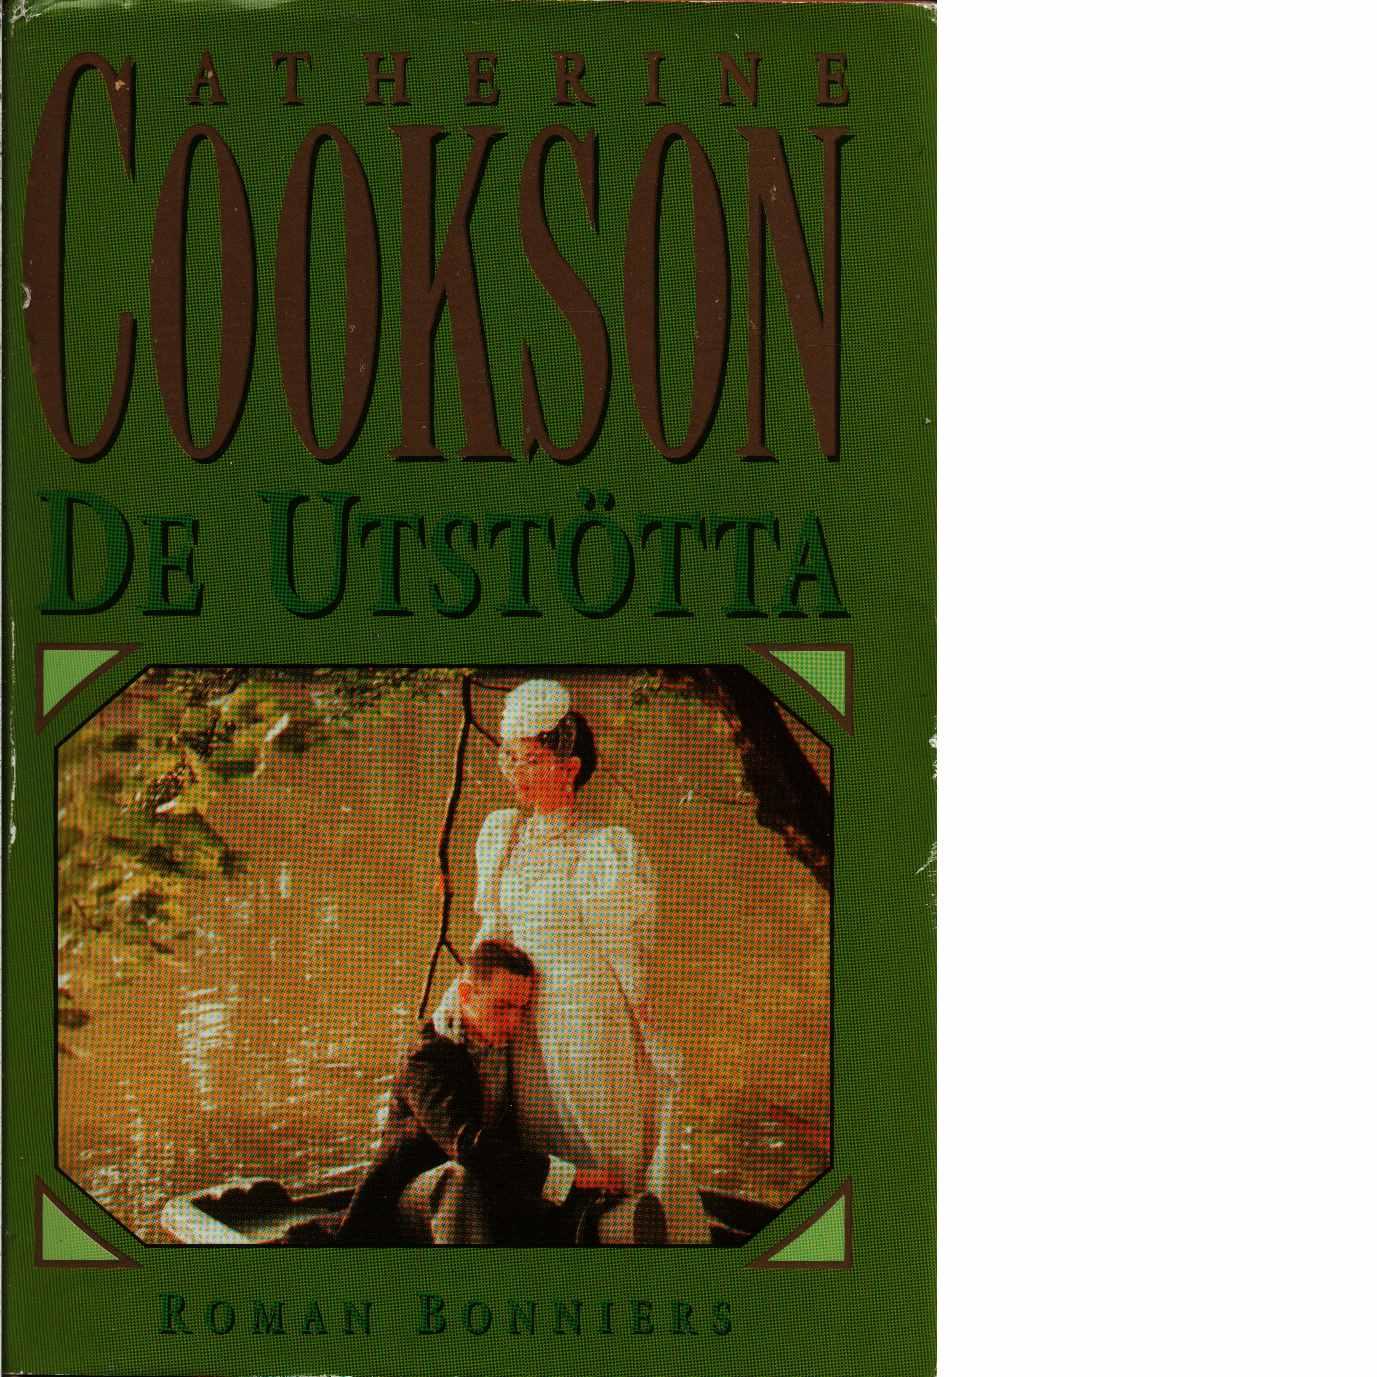 De utstötta - Cookson, Catherine